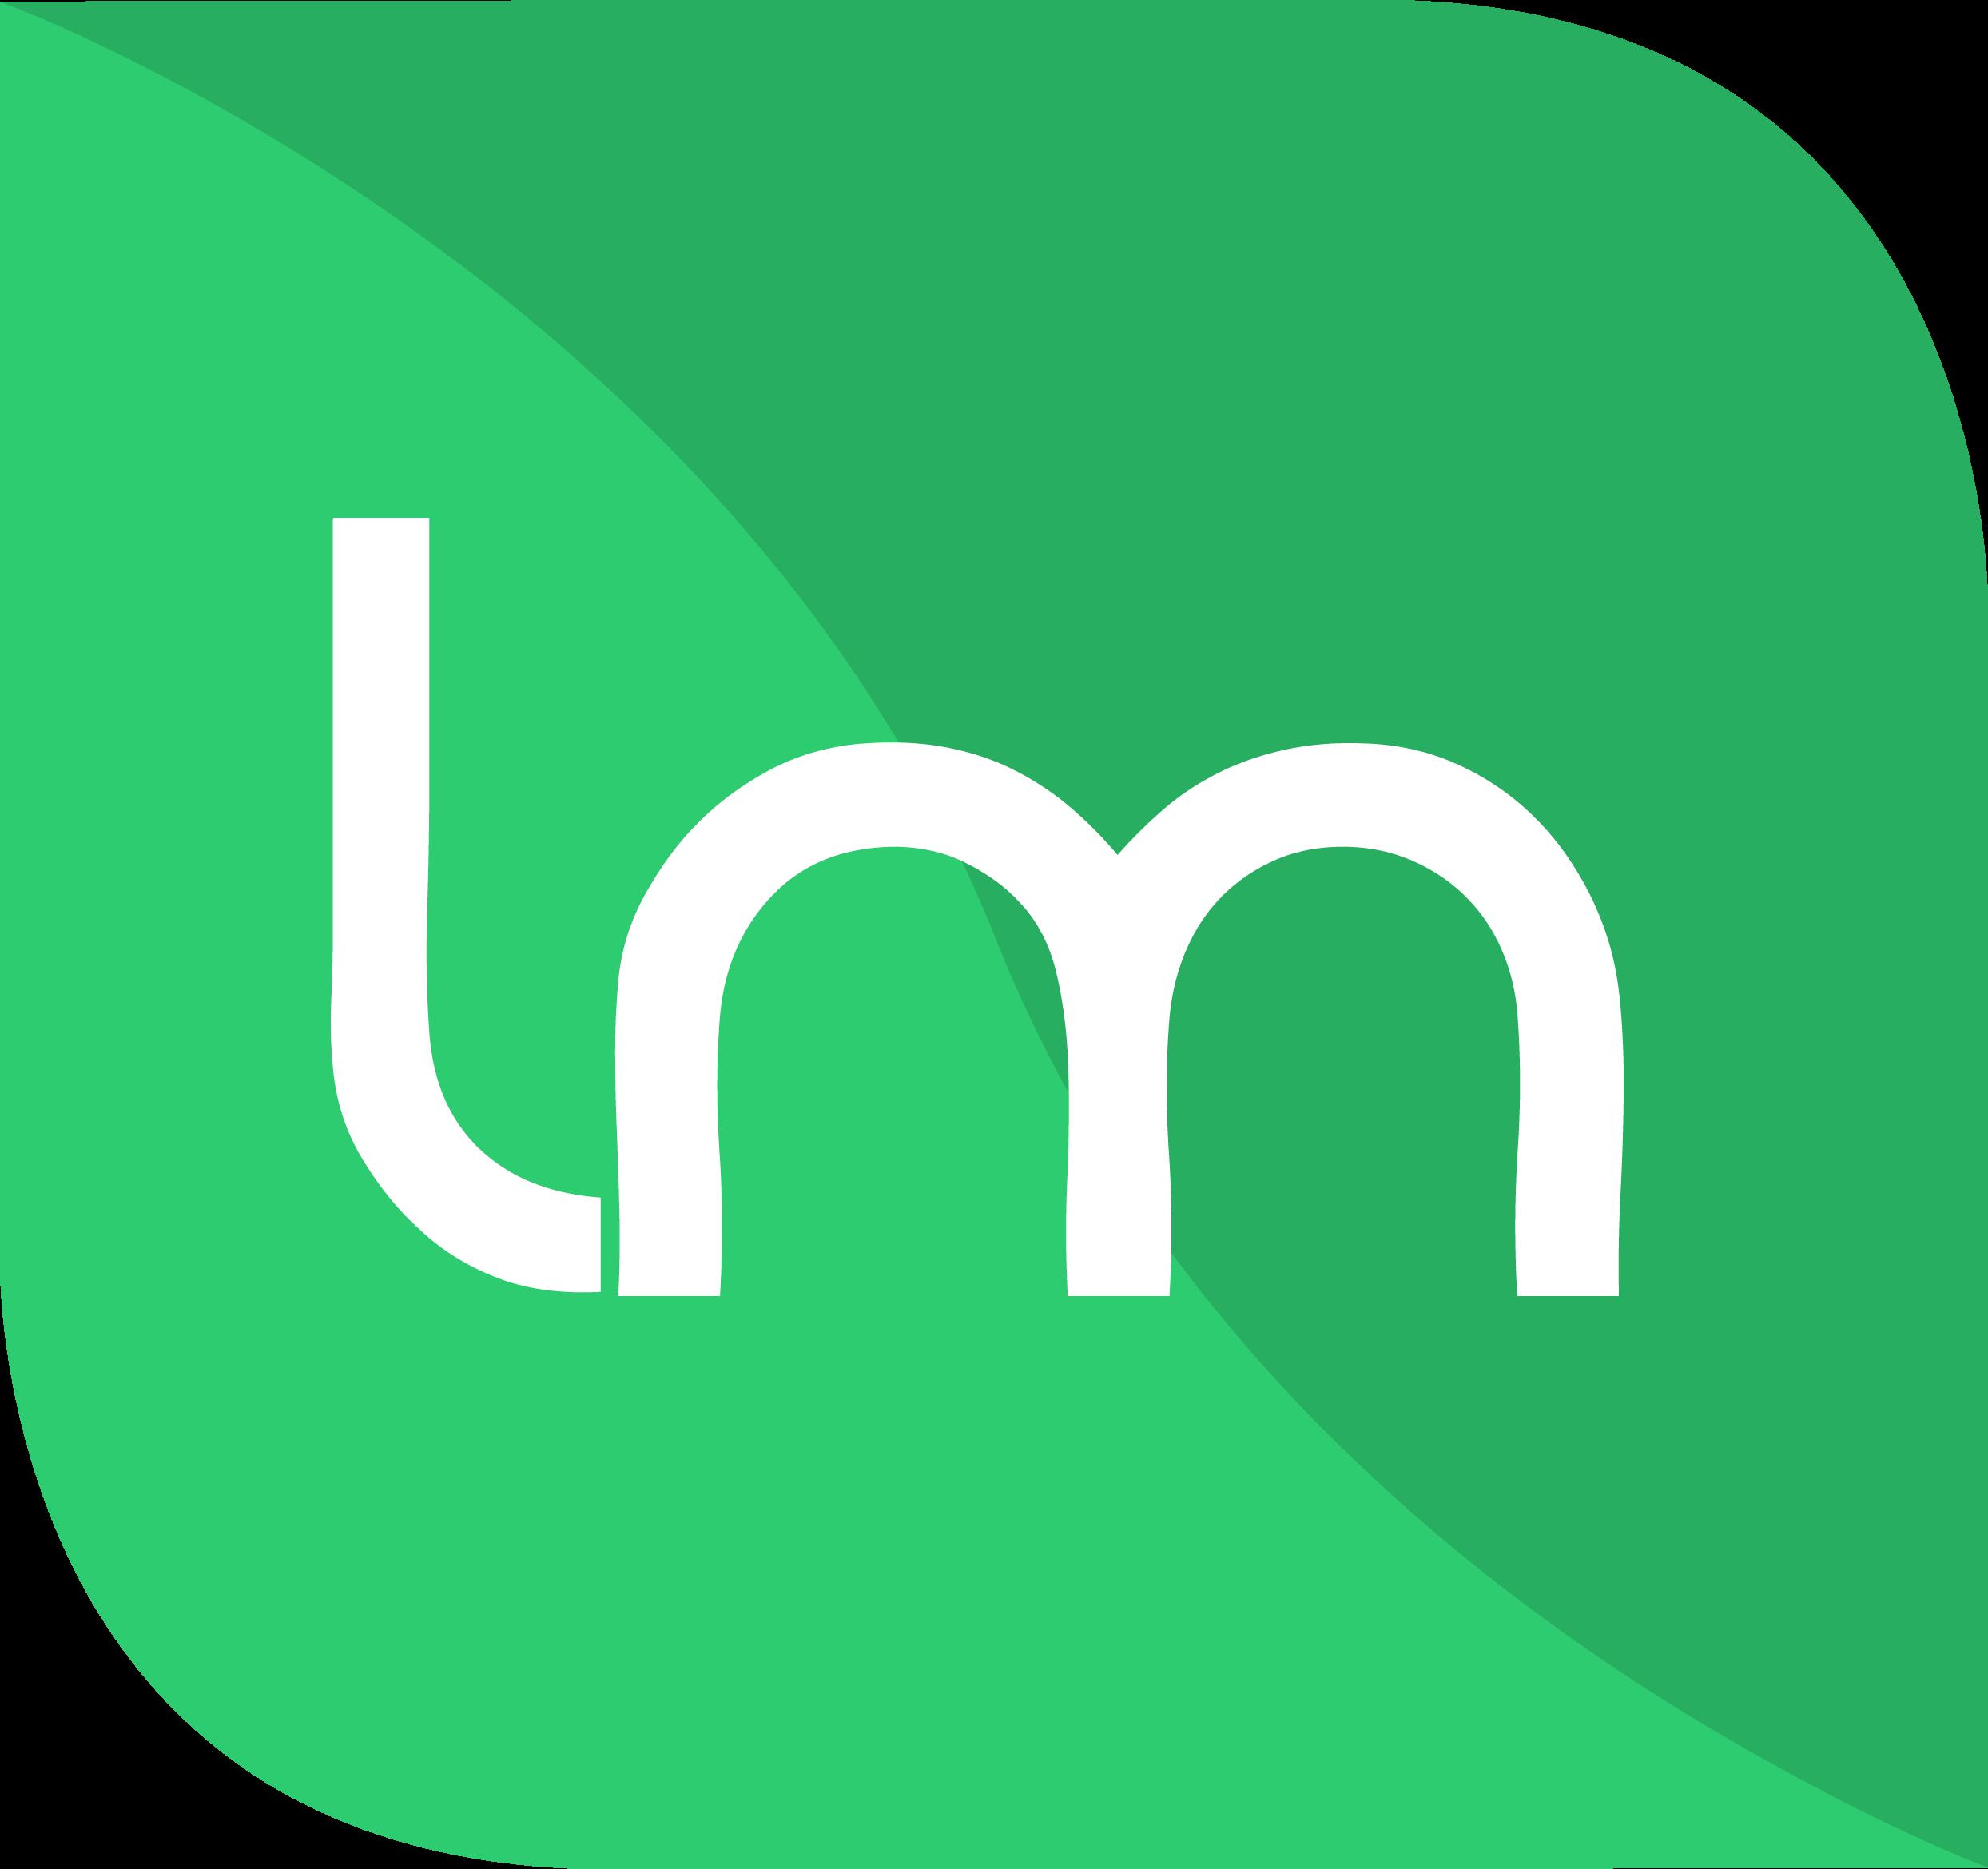 Linux Mint Logo Concept.